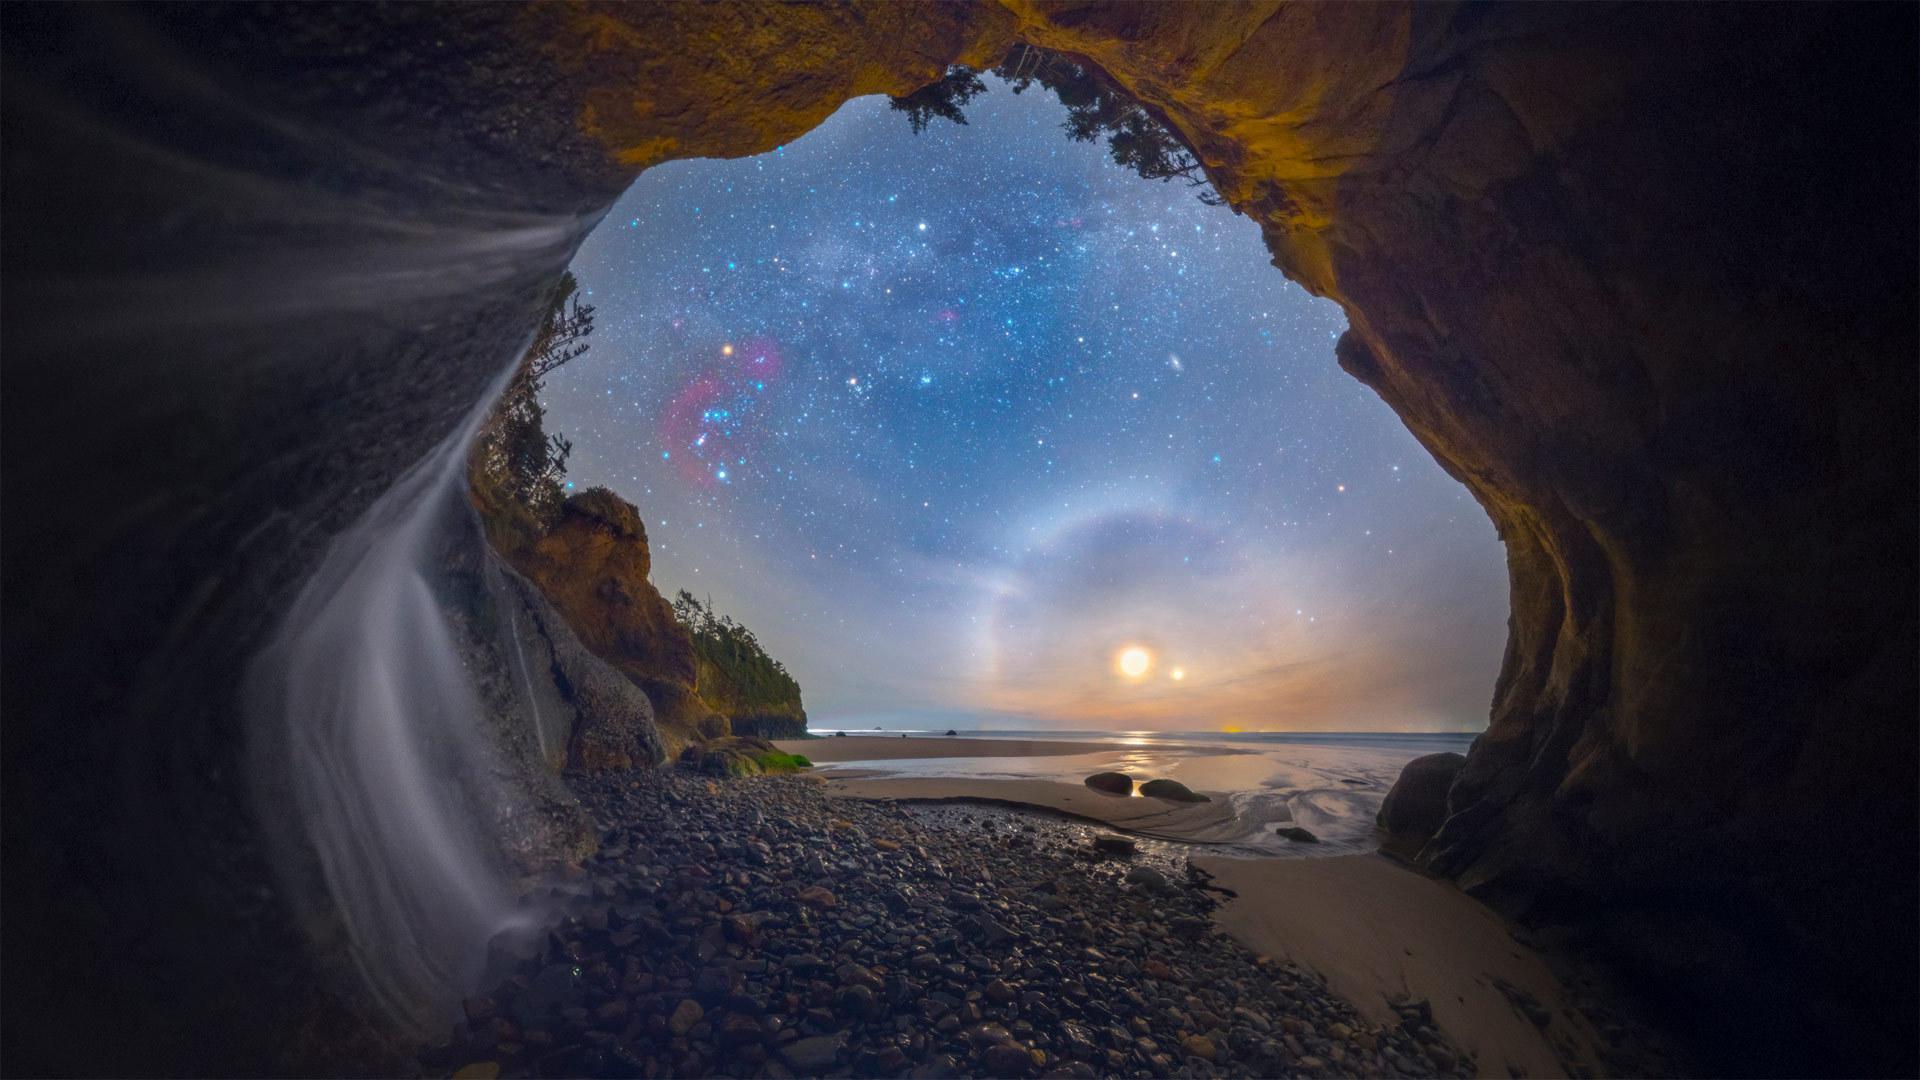 拍摄于俄勒冈州海岸拥抱点瀑布的幻月 幻月